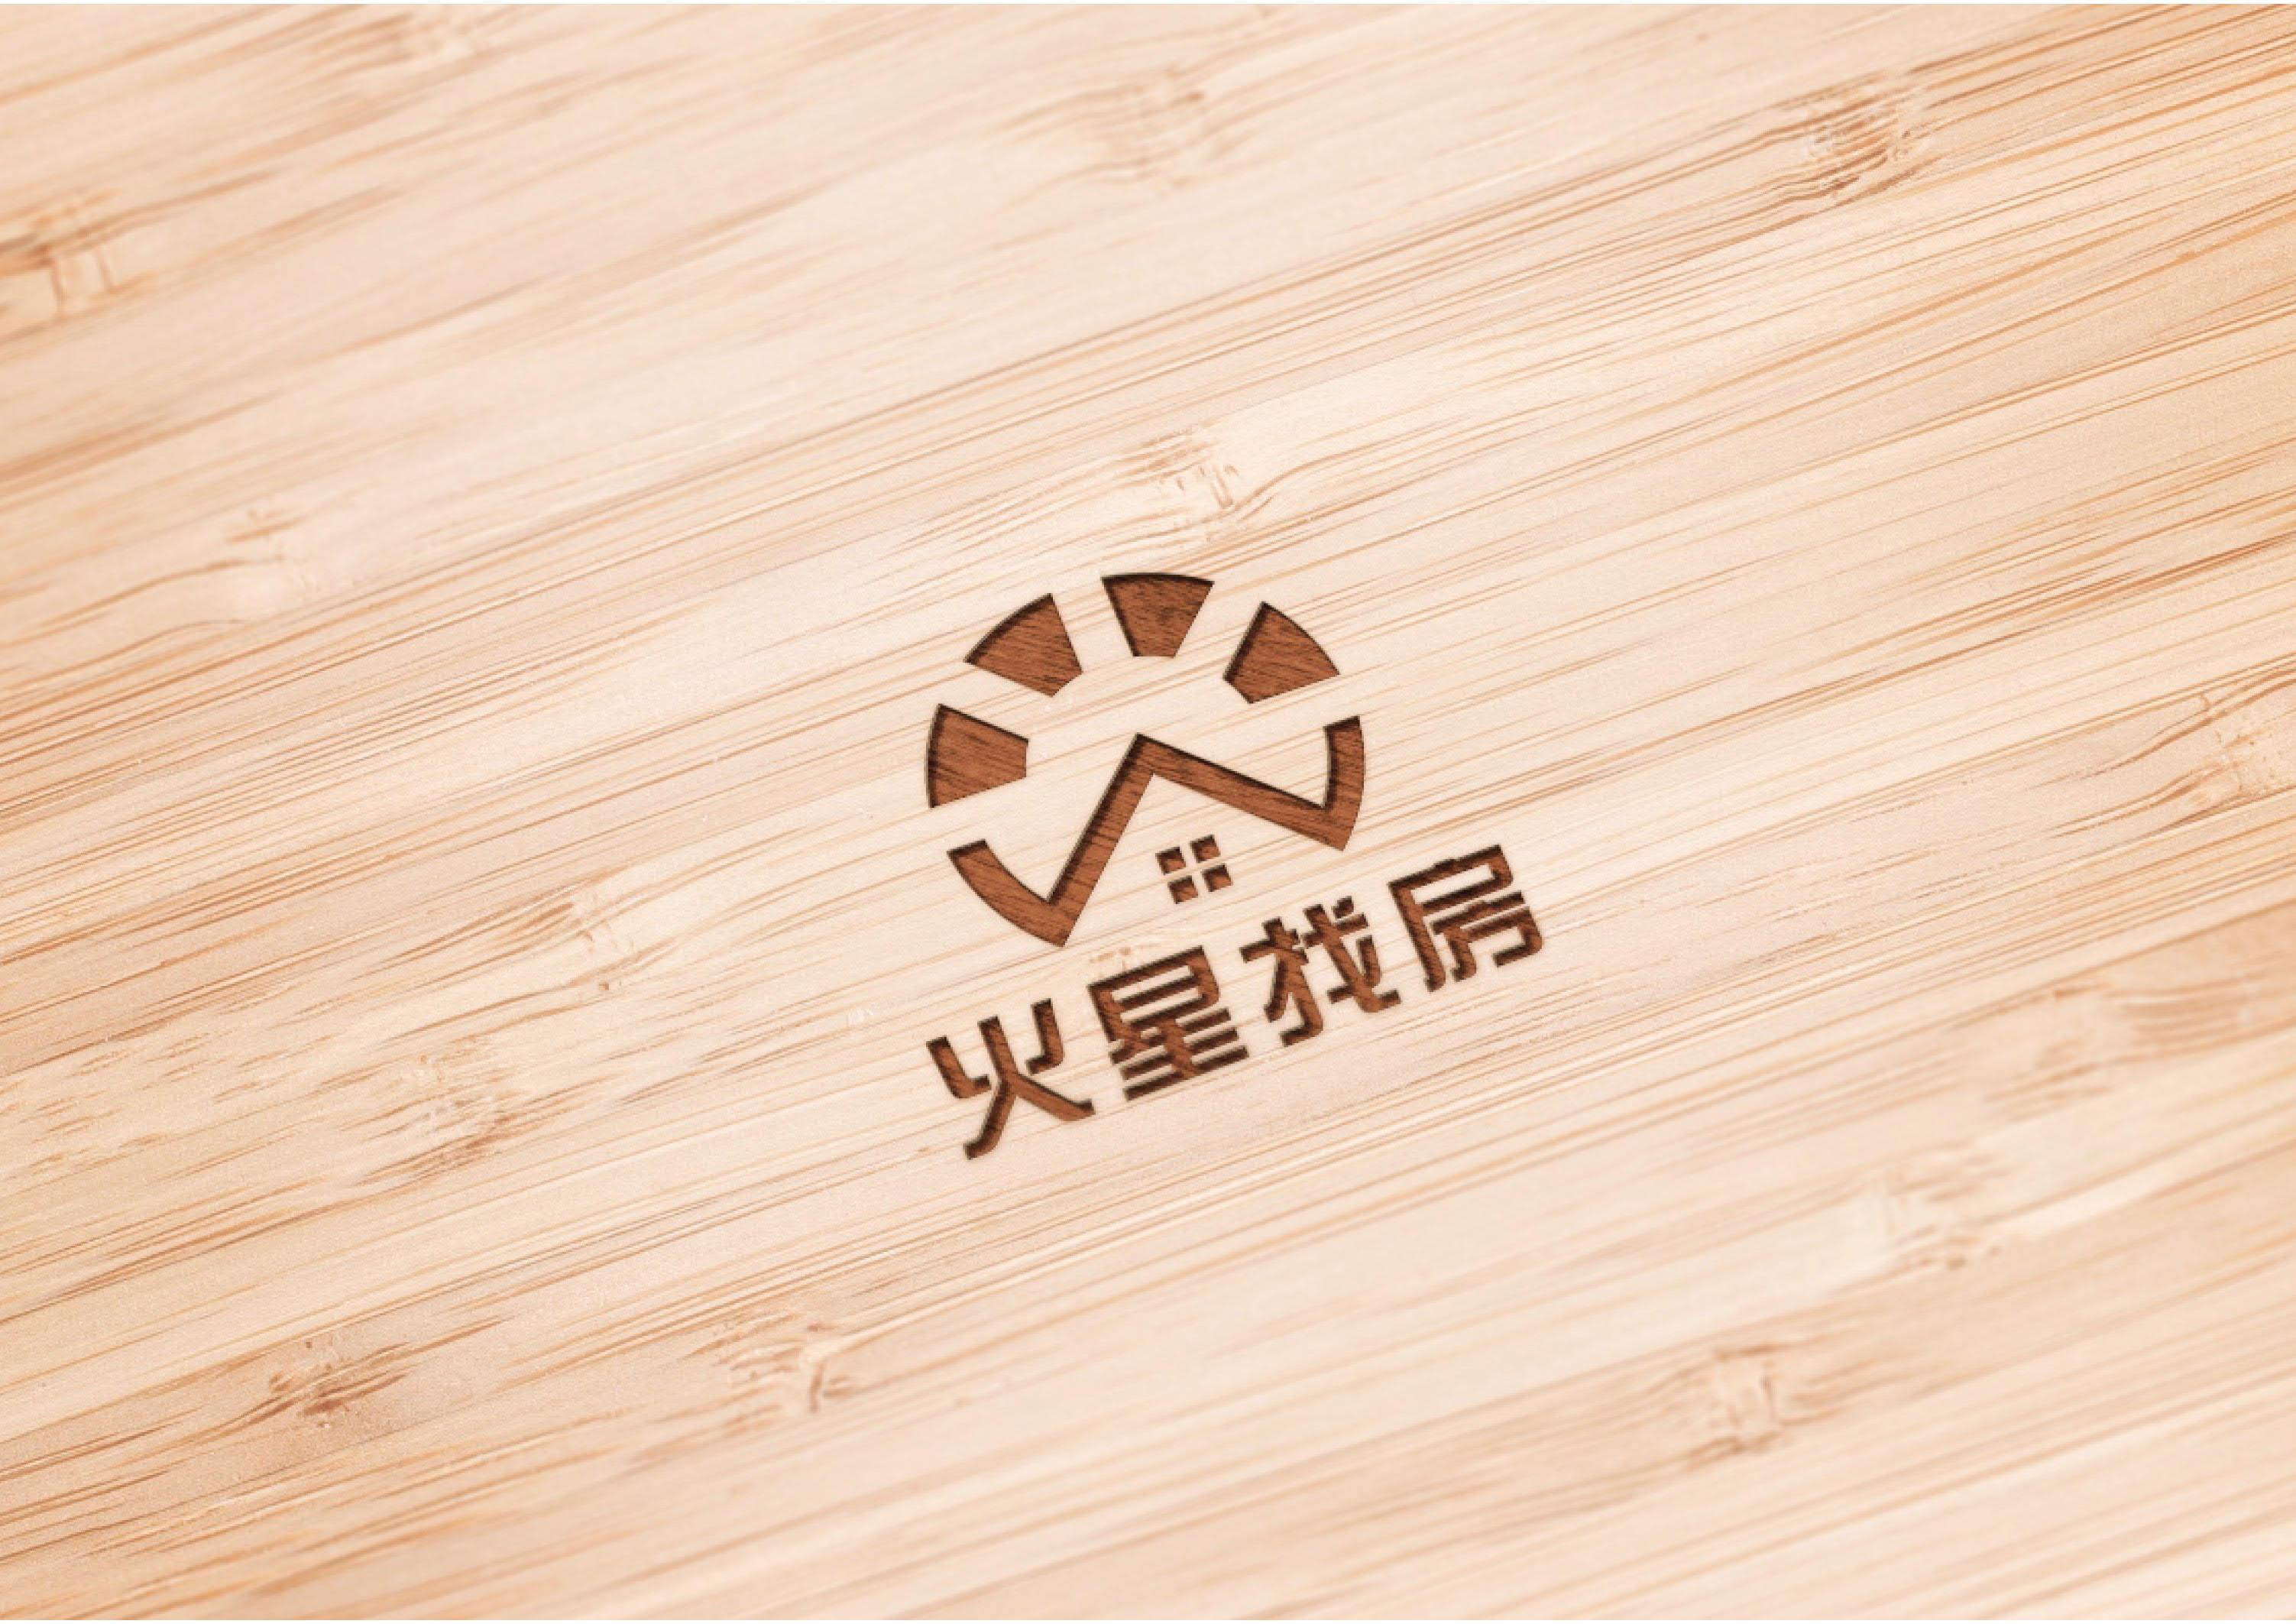 青島火星找房房產經紀有限公司5